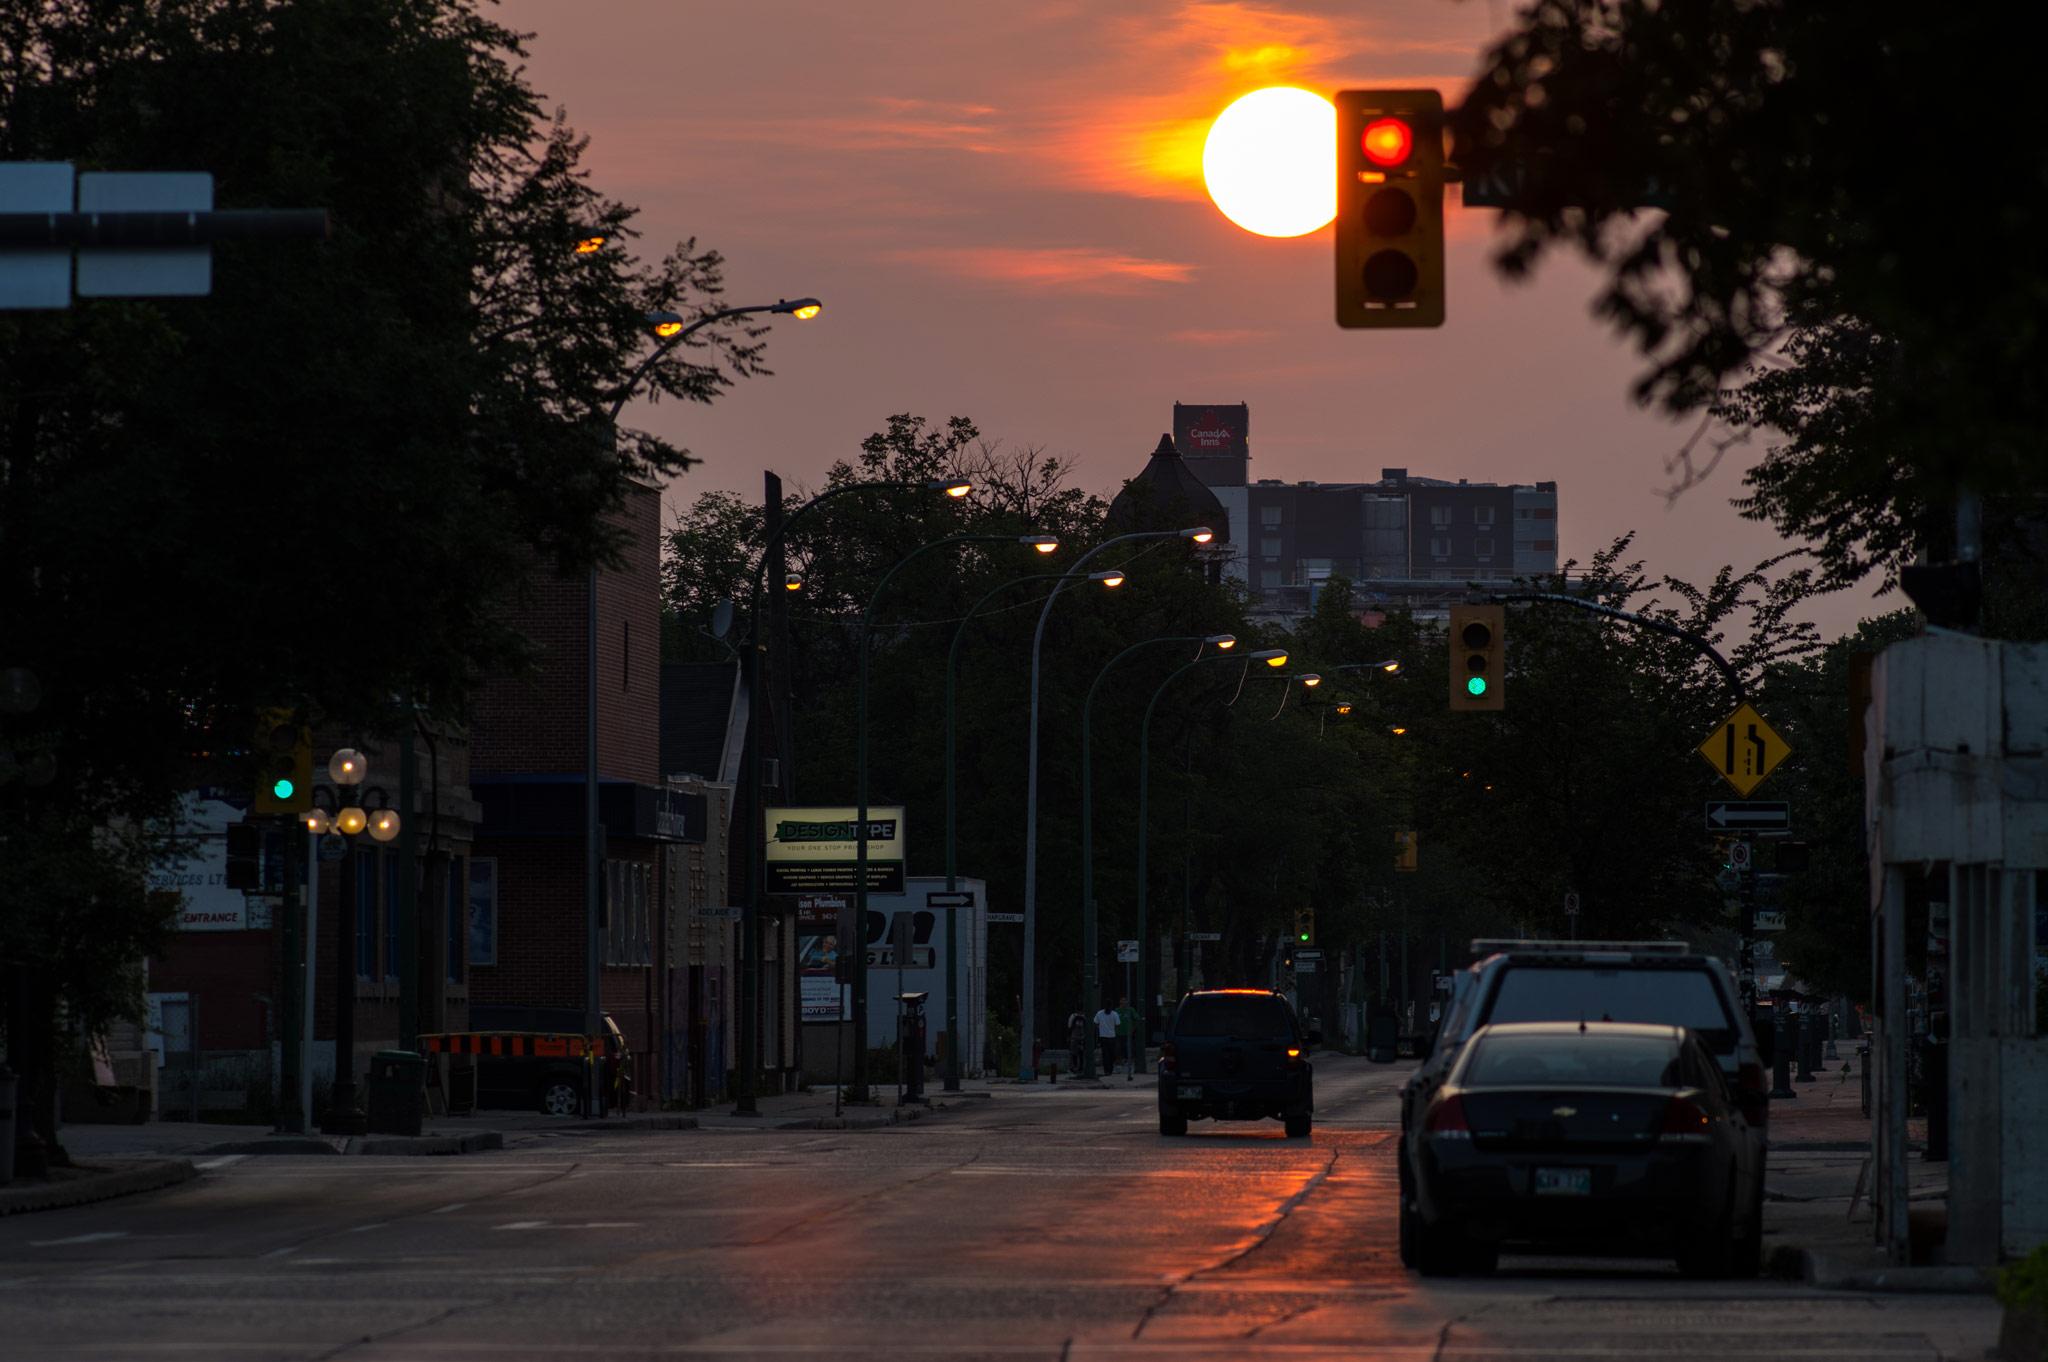 Late Summer in Winnipeg